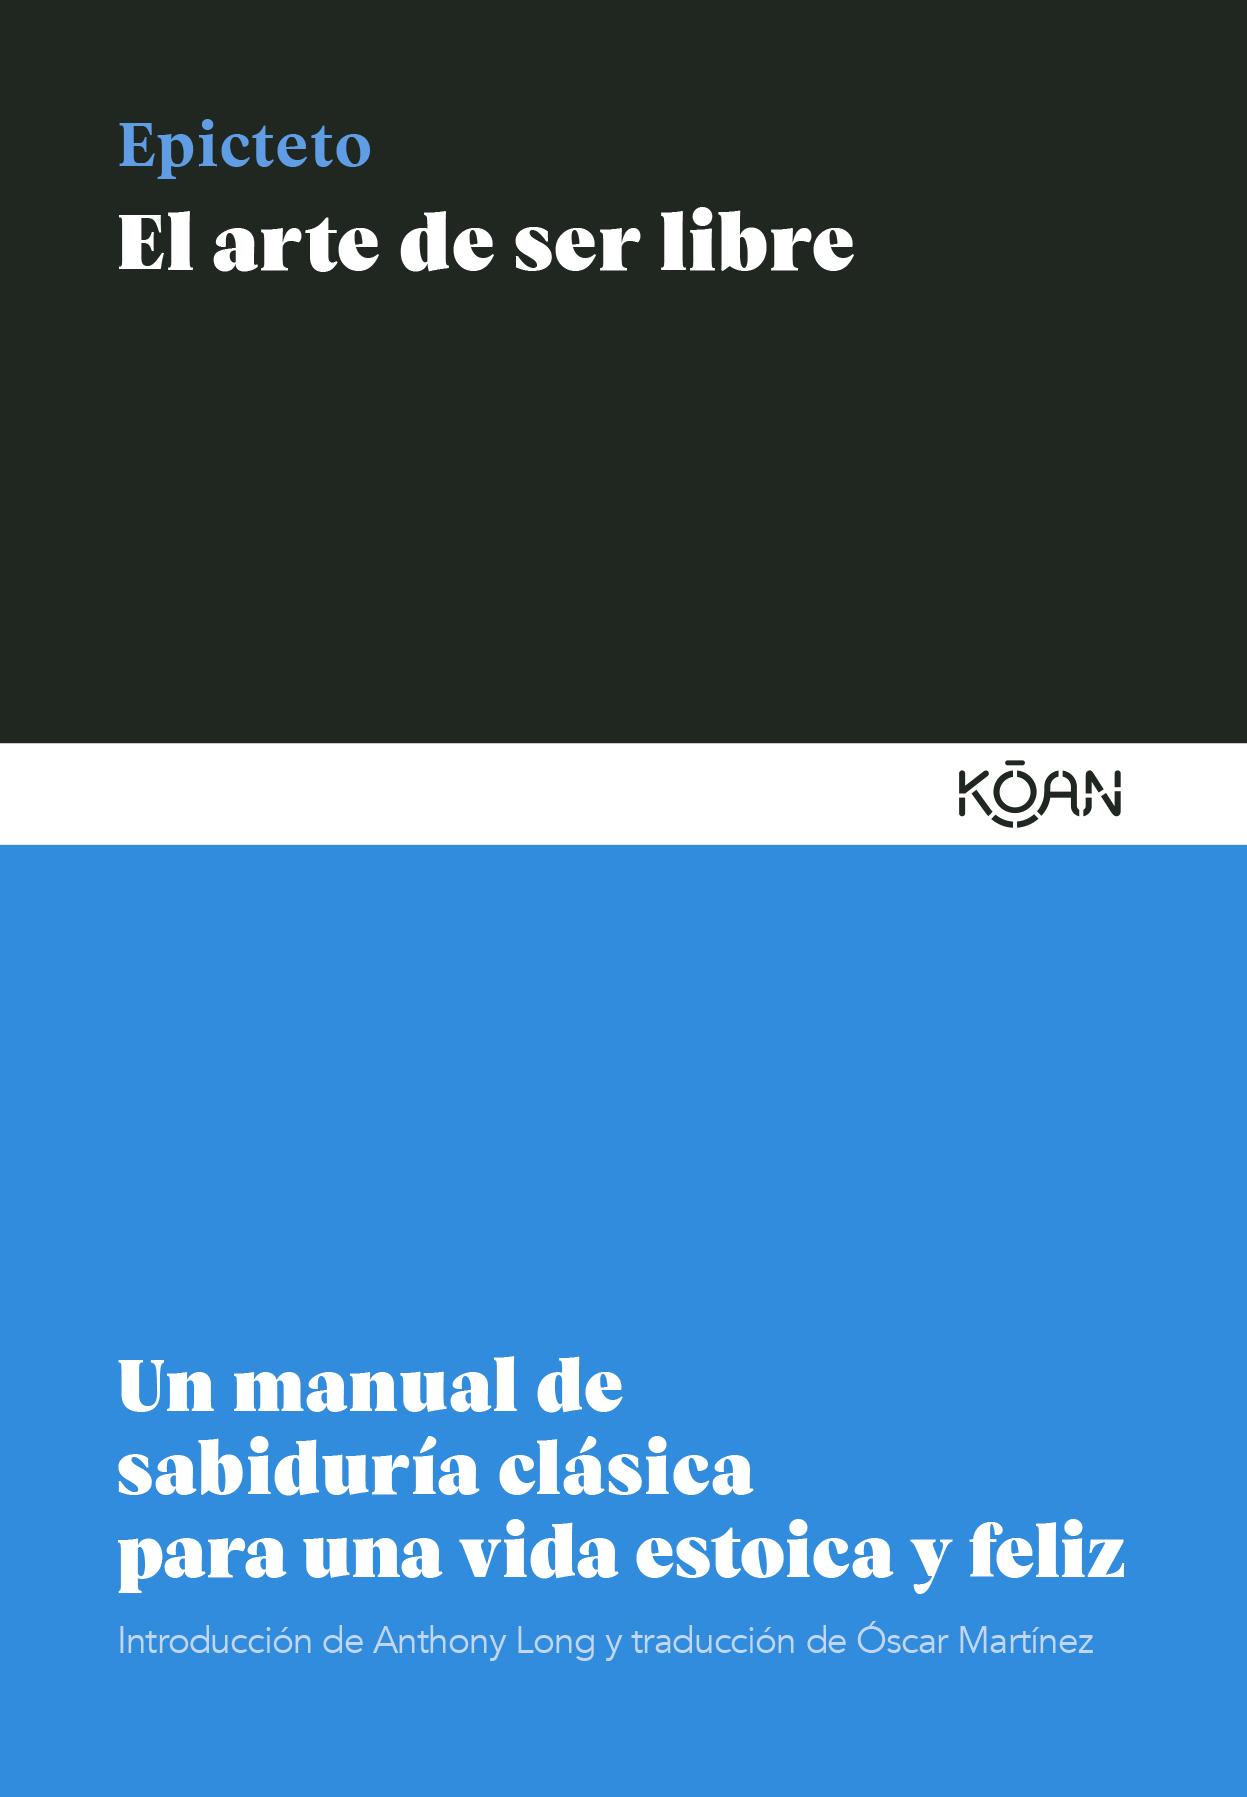 El arte de ser libre   «Un manual de sabiduría clásica para una vida estoica y feliz»